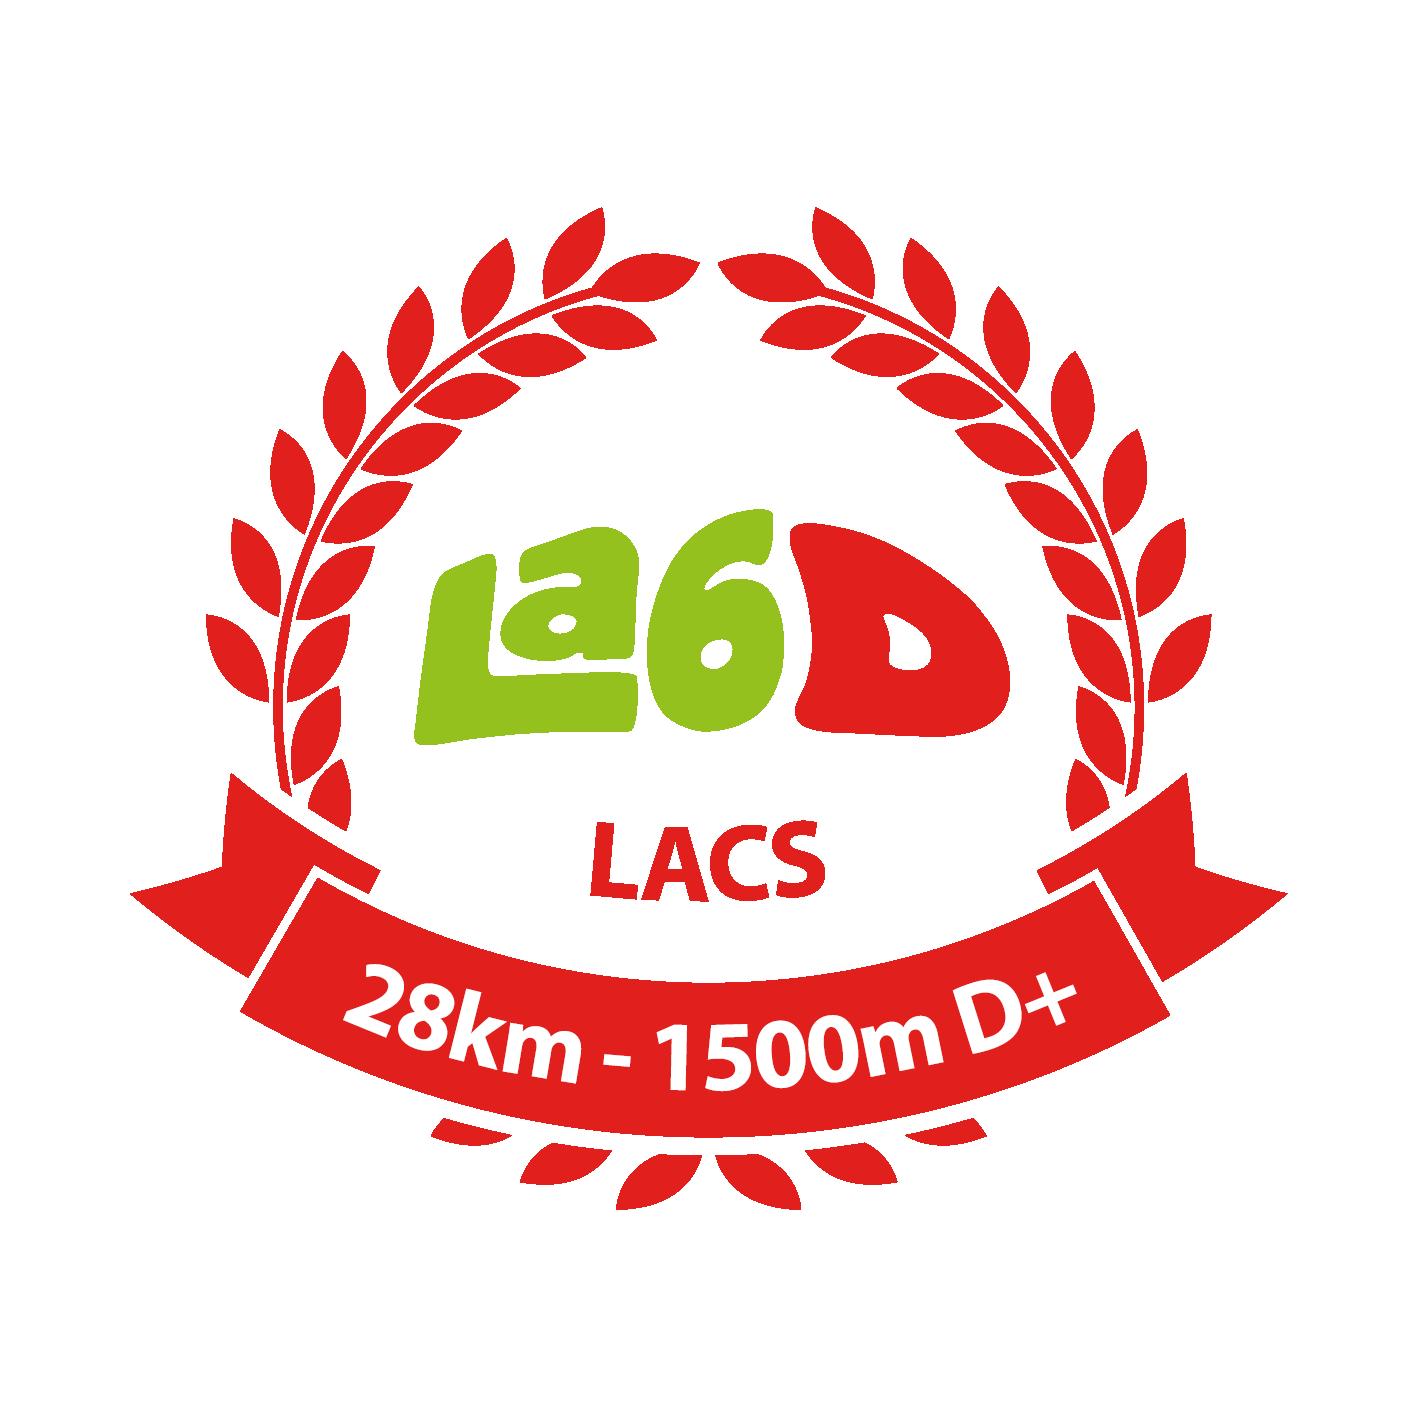 6D LACS-Pictot